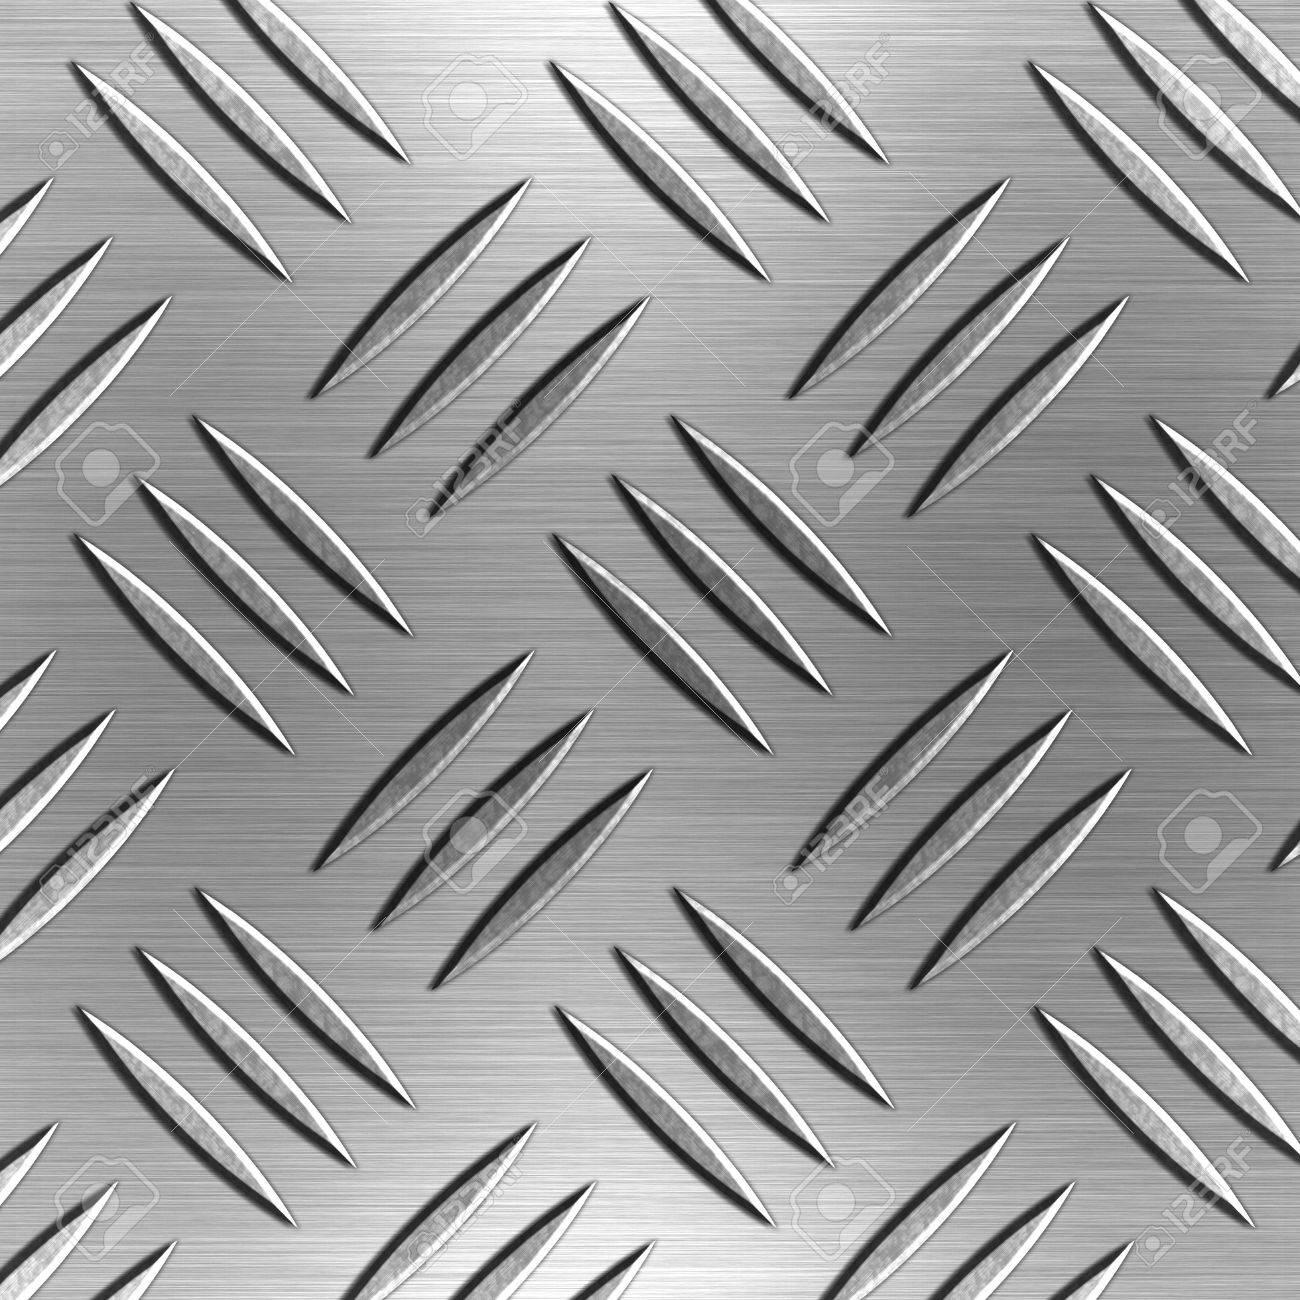 Shiny Silver Diamond Shaped Aluminium Plate Stock Photo - 967412